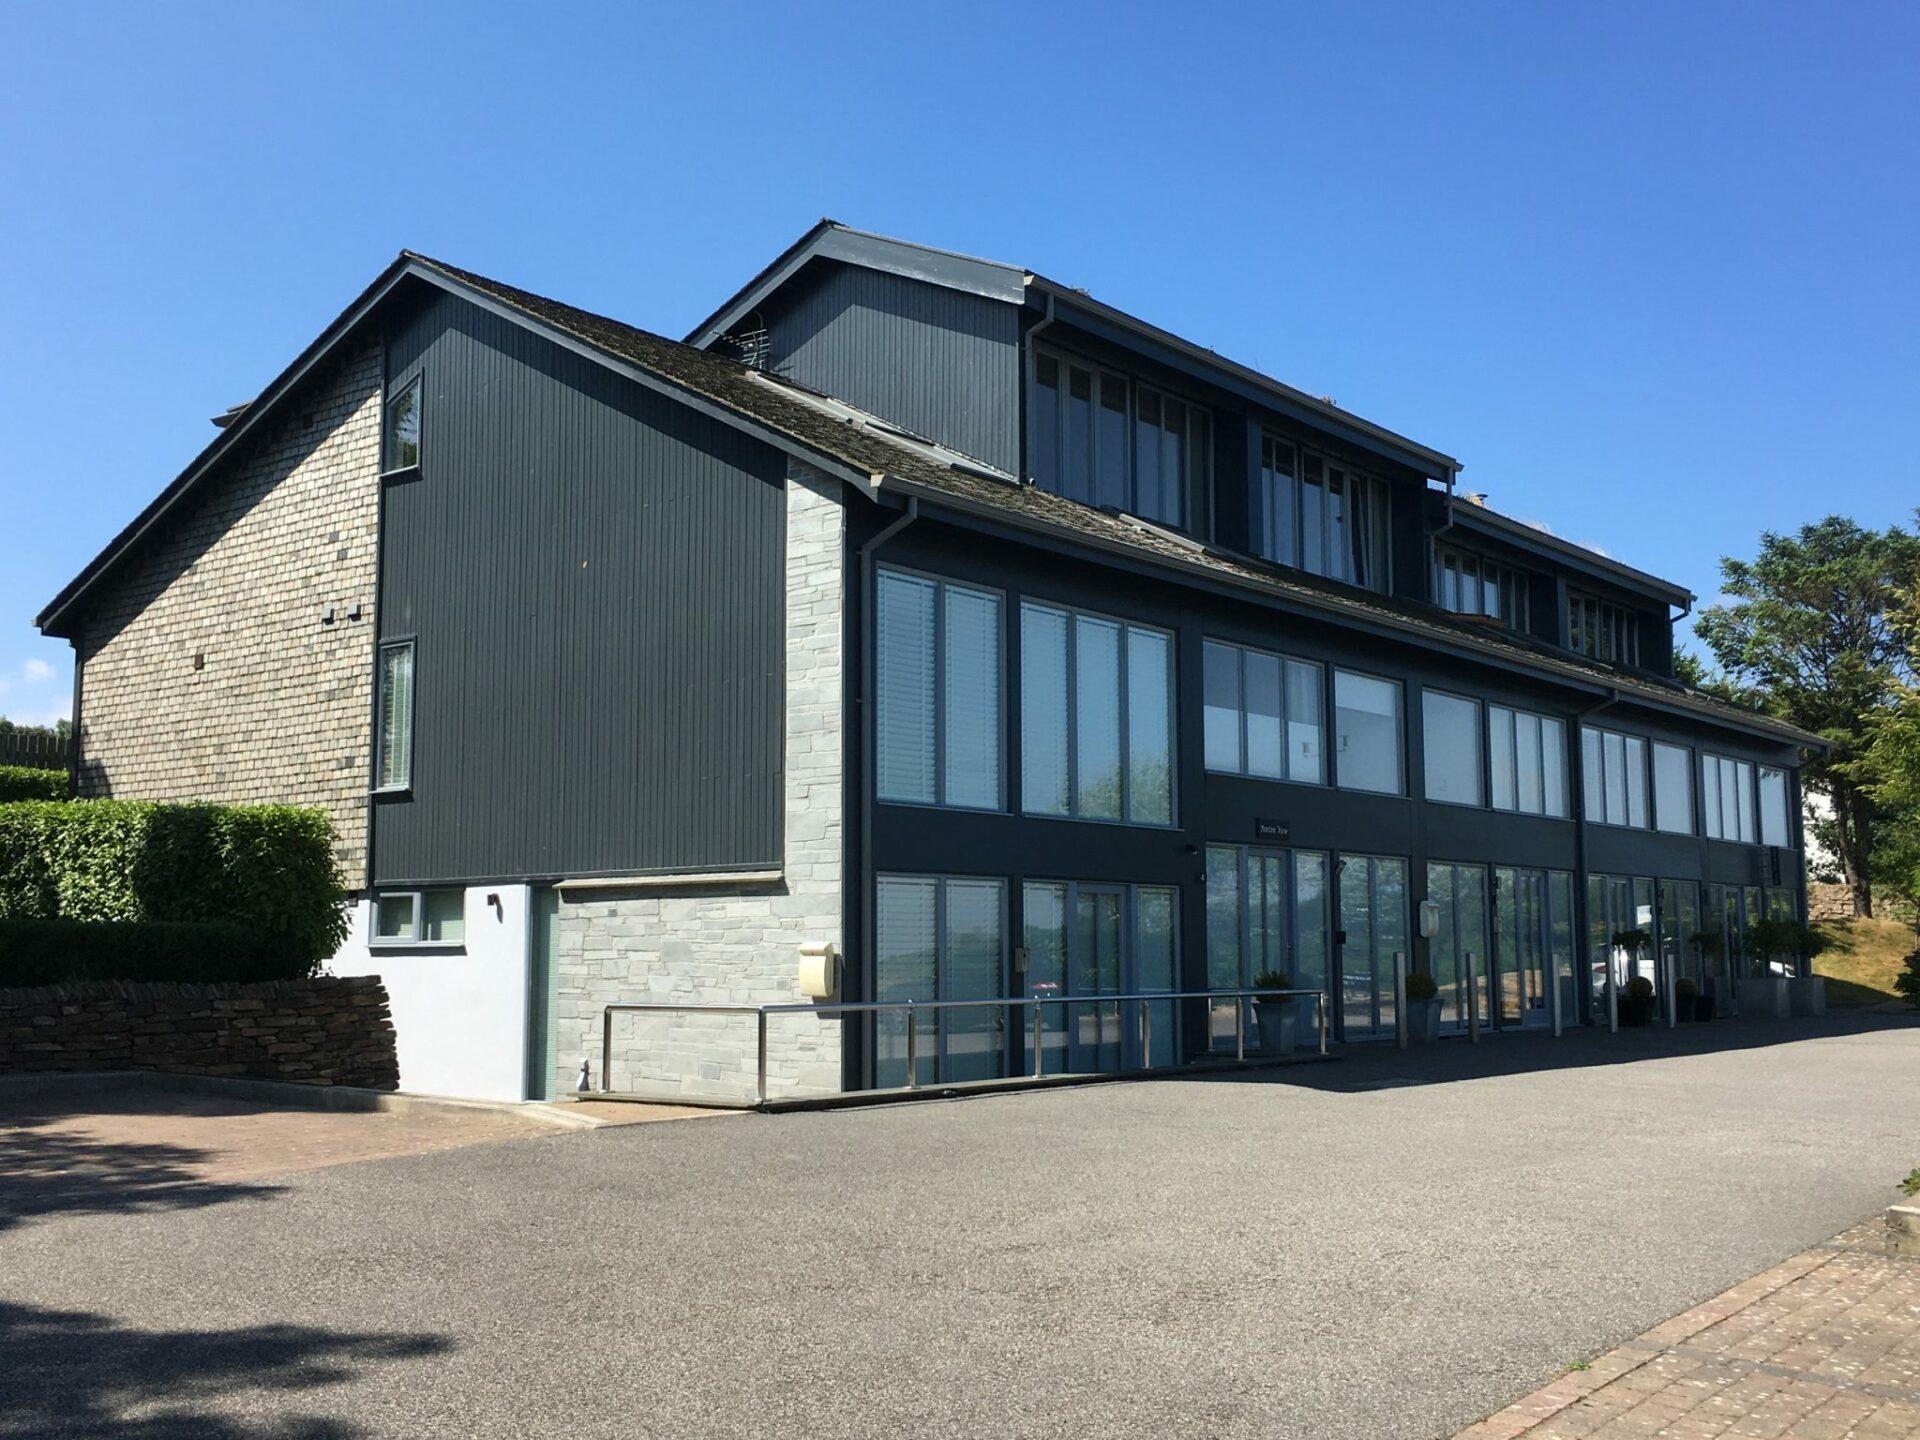 Designed by ARCO2 Architects Wadebridge Sustainable Live/Work Units